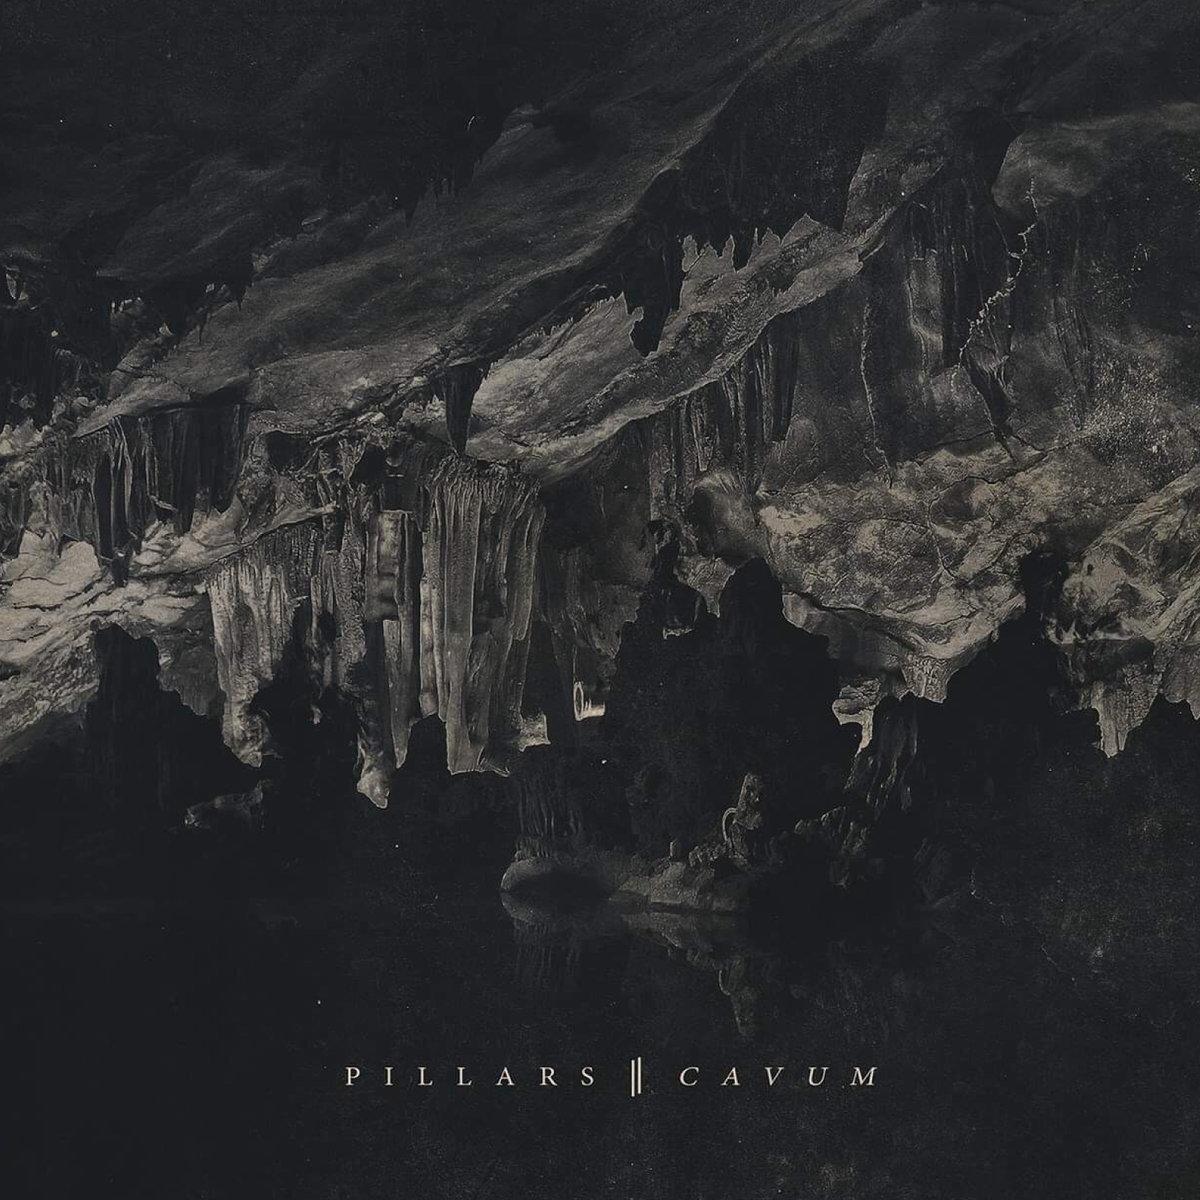 Pillars ~ Cavum